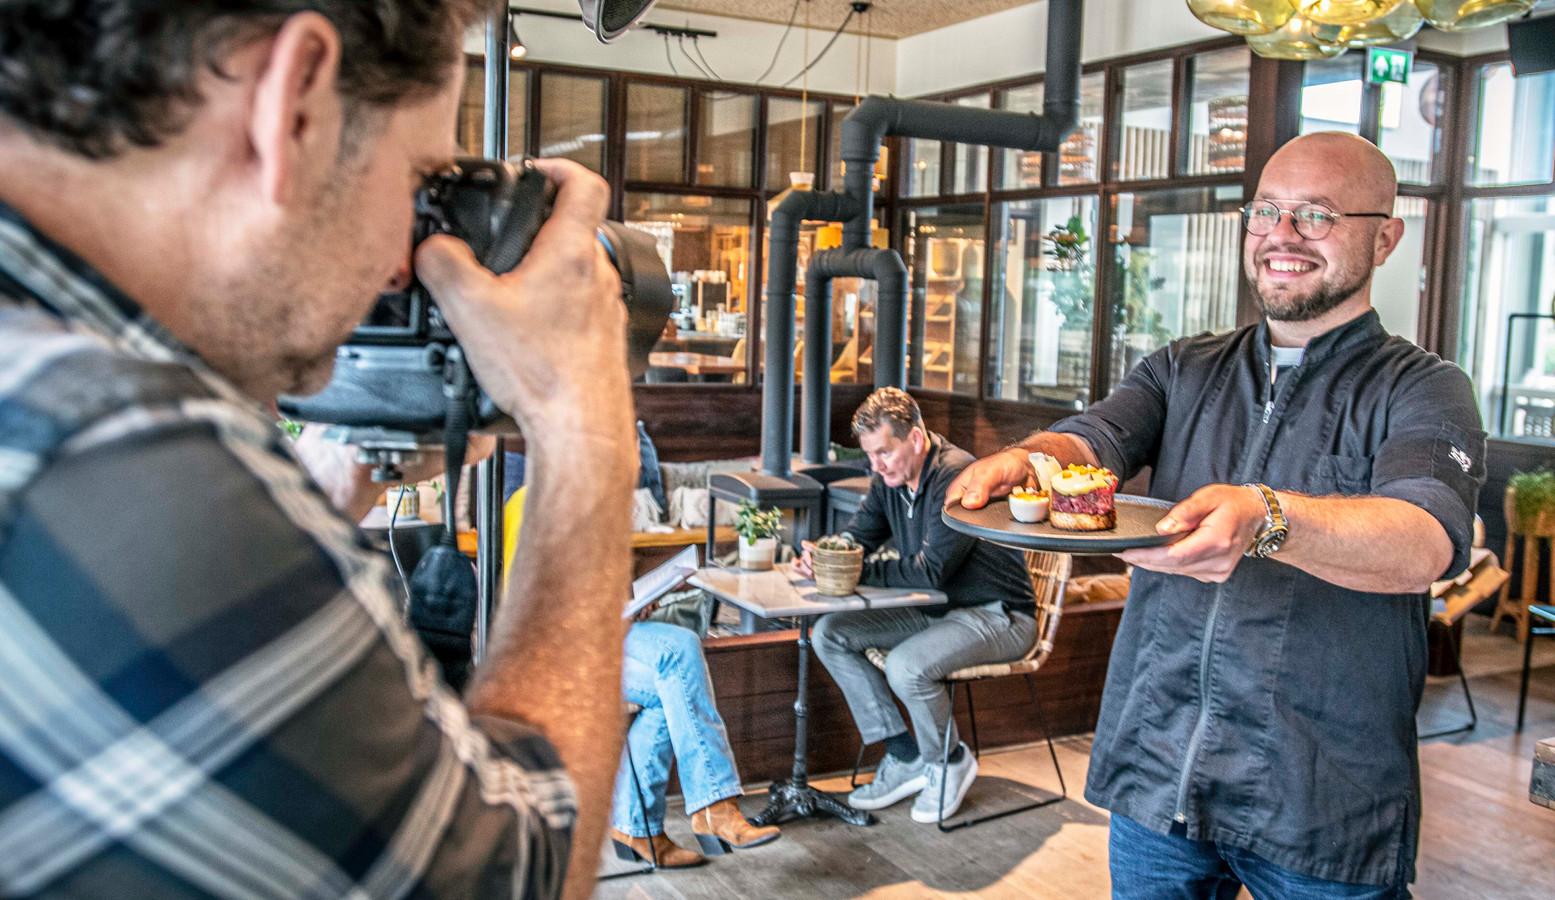 Het gerecht van Chiel van Schaaijk belandt in het lockdown-kookboek, waaraan elke dag een andere kok in een ander restaurant meewerkt. Frans Lahaye legt het vast.